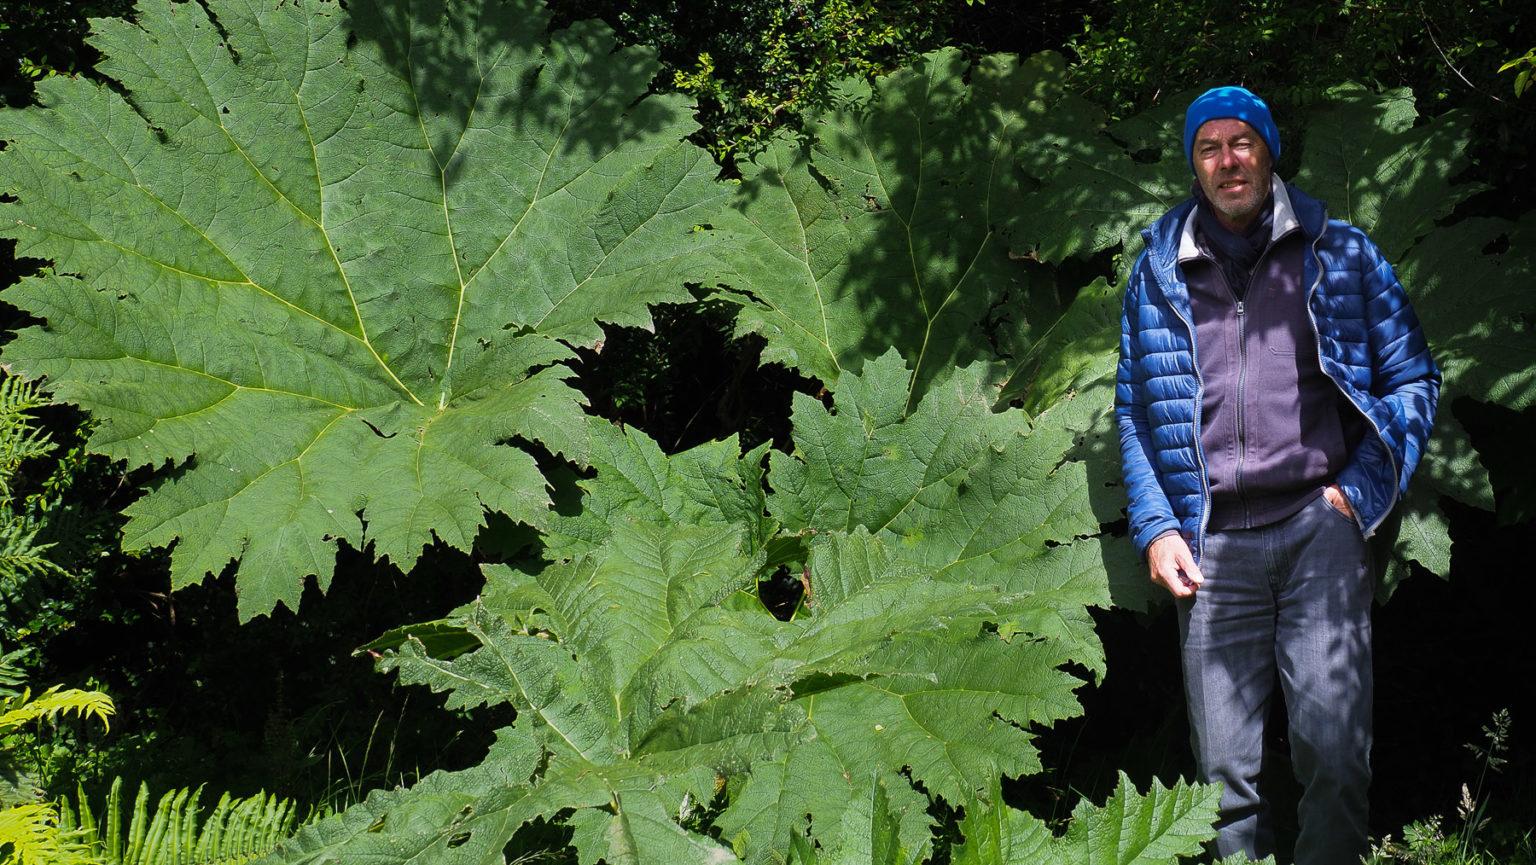 Das bis zu 3 m große Mammutblatt sieht aus wir Rhabarber